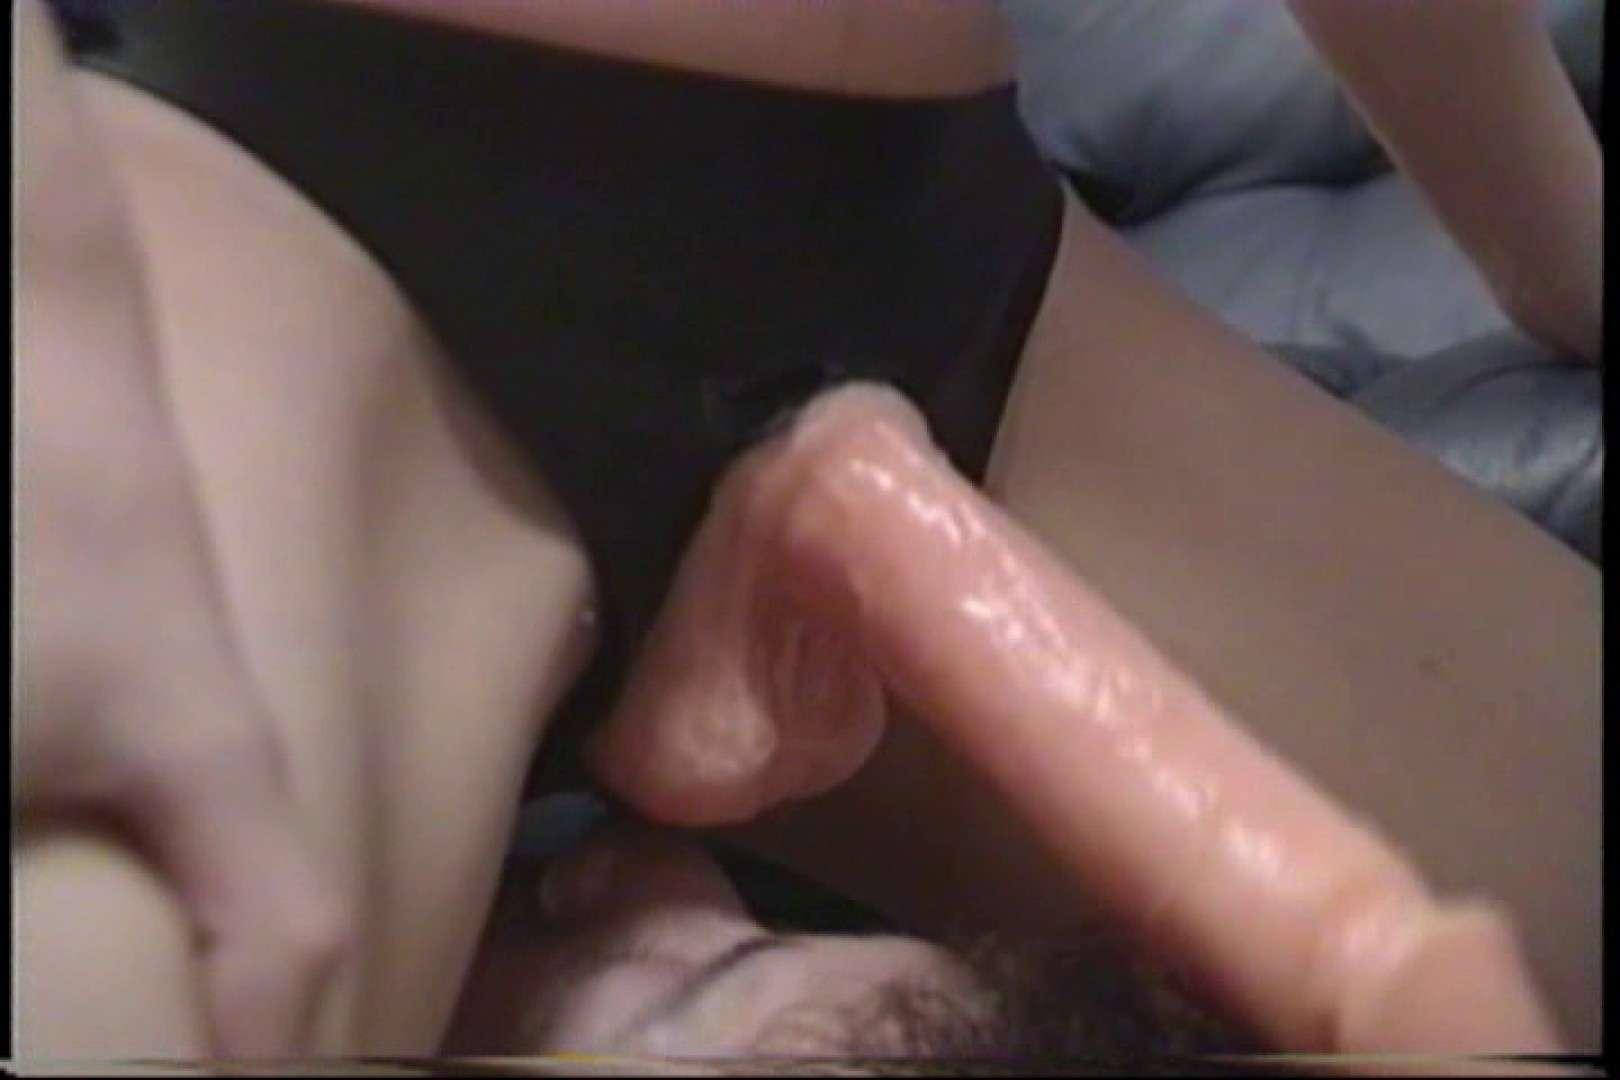 元気な女王様はお好きですか?~麻生紀香~ クンニ映像 AV動画キャプチャ 113pic 93